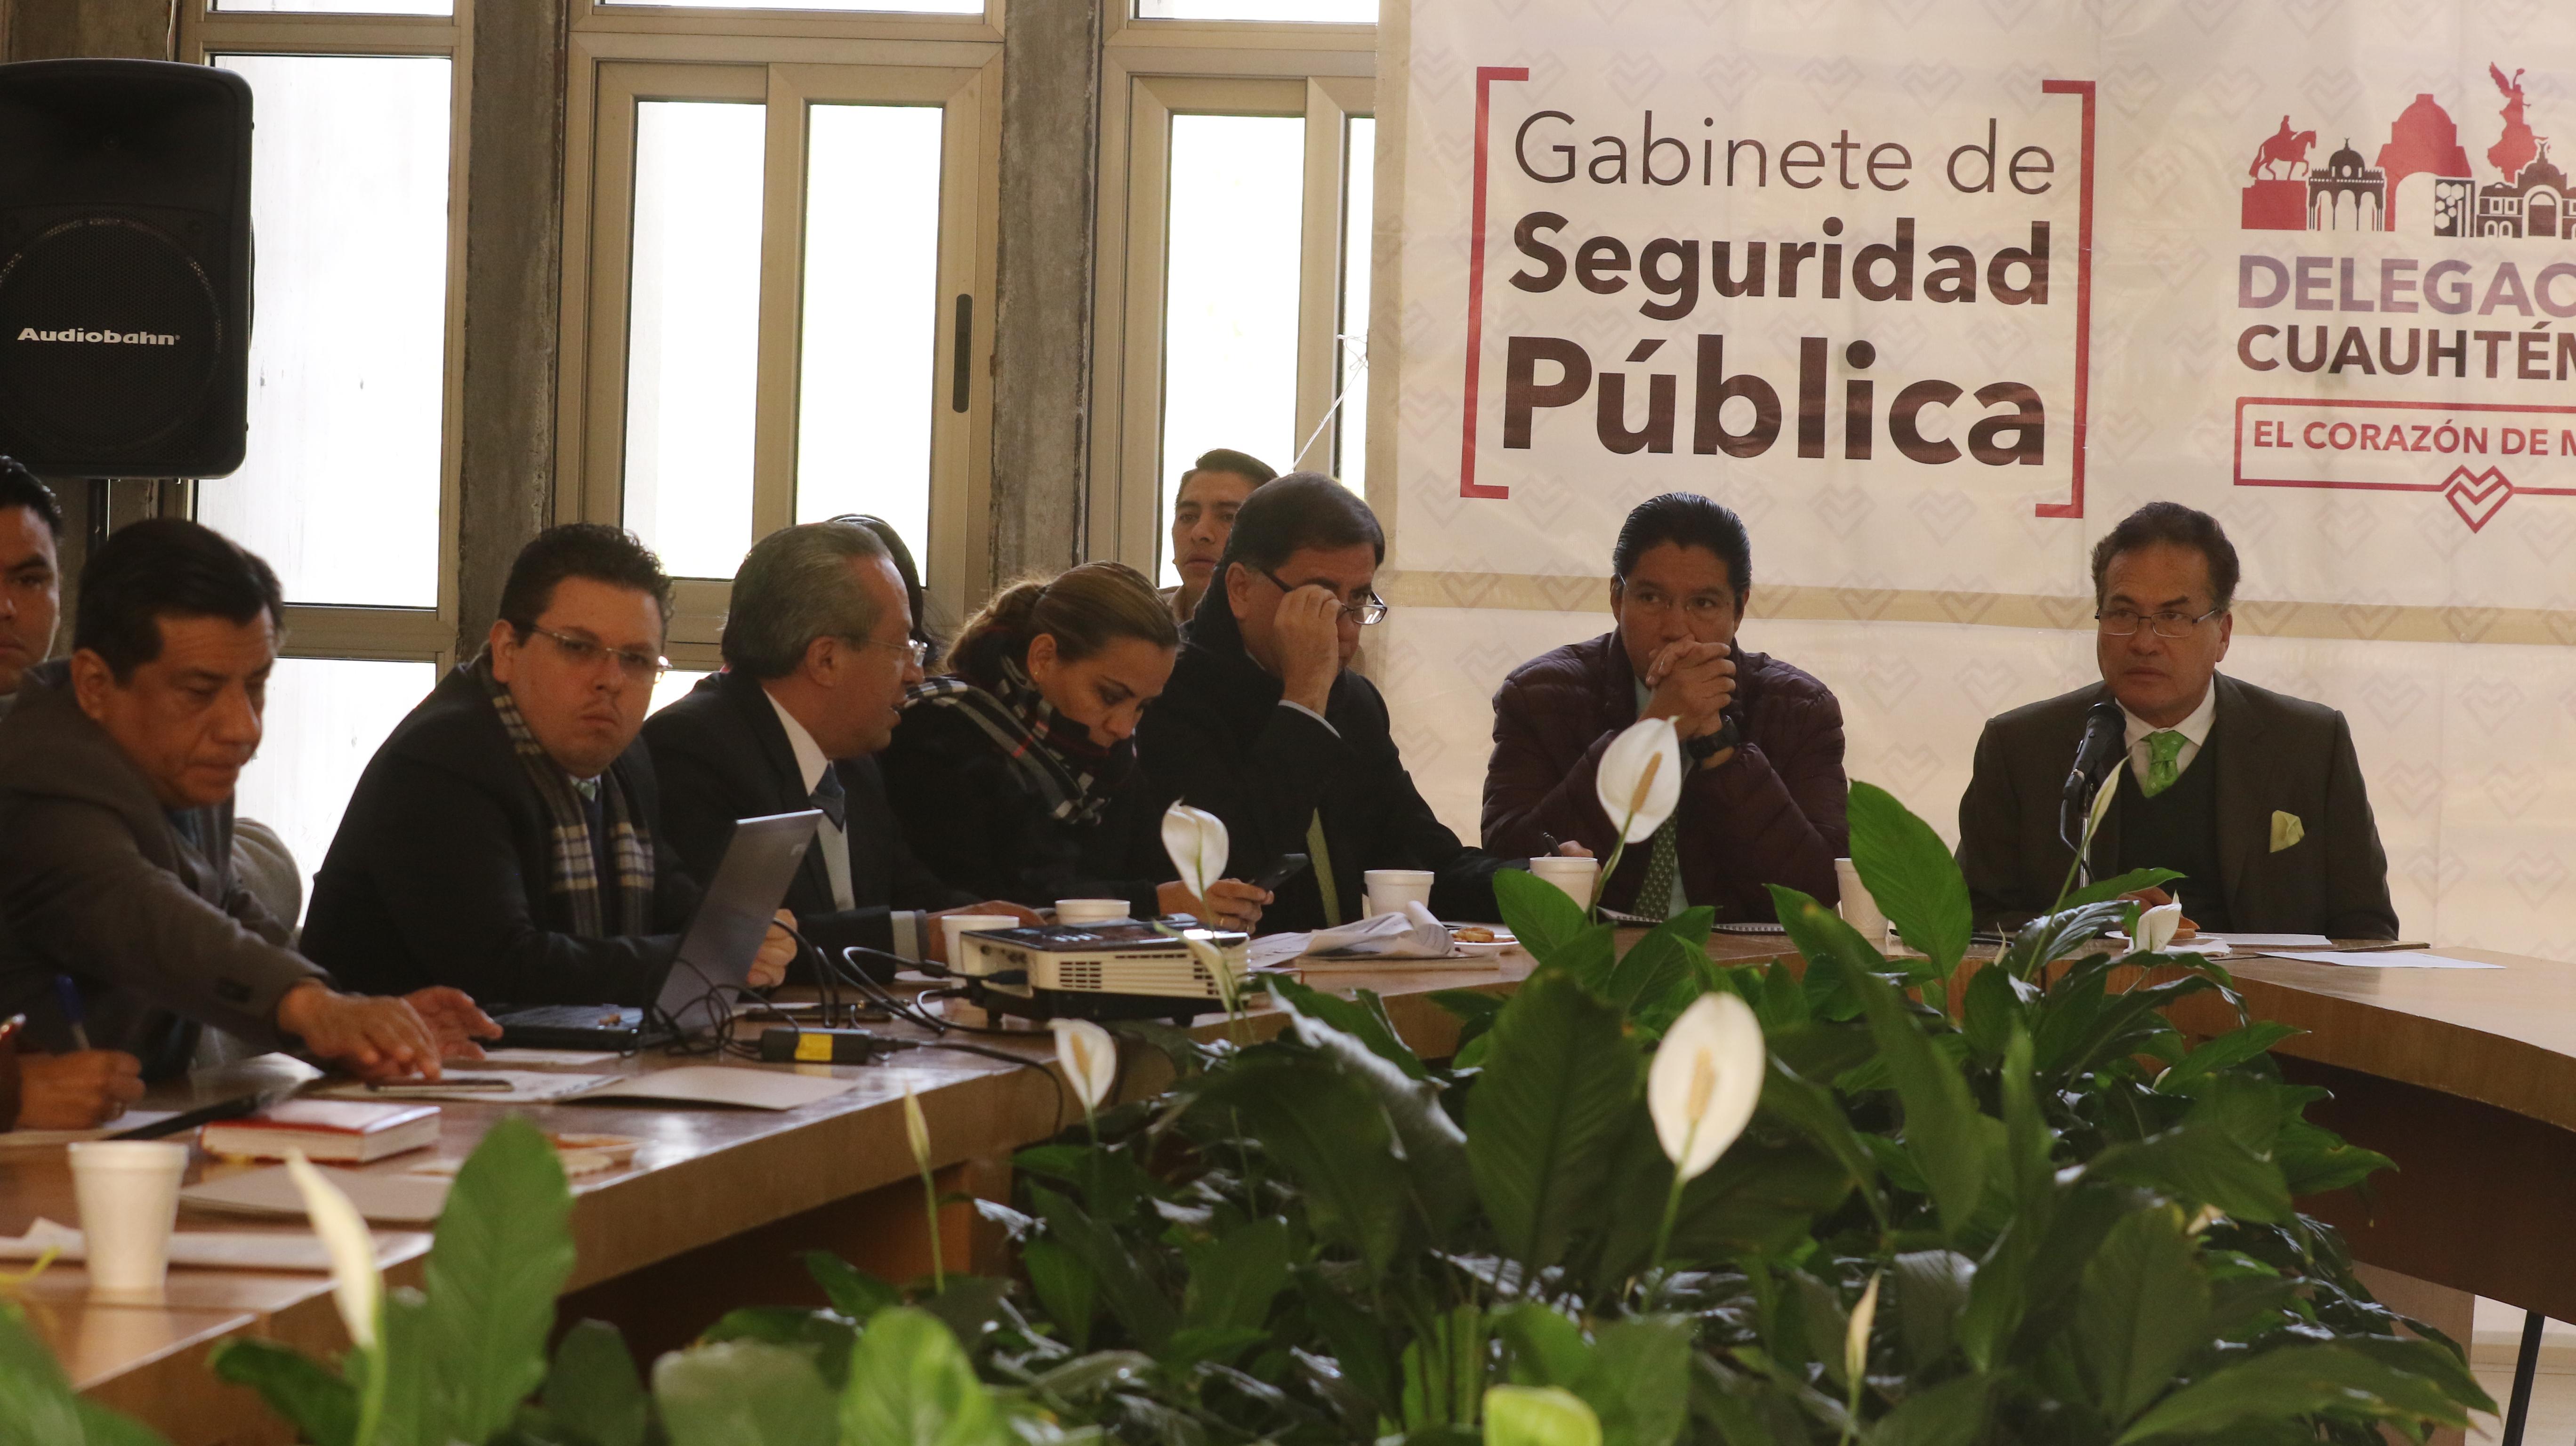 REPORTAN BAJO CONTROL INICIO DE ROMERÍAS NAVIDEÑAS EN CUAUHTÉMOC